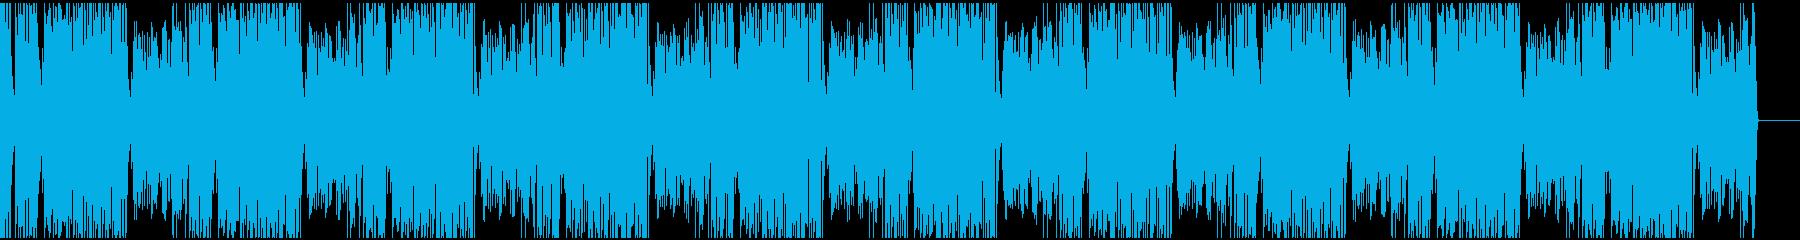 どんなシーンにも合うラグタイムピアノの再生済みの波形